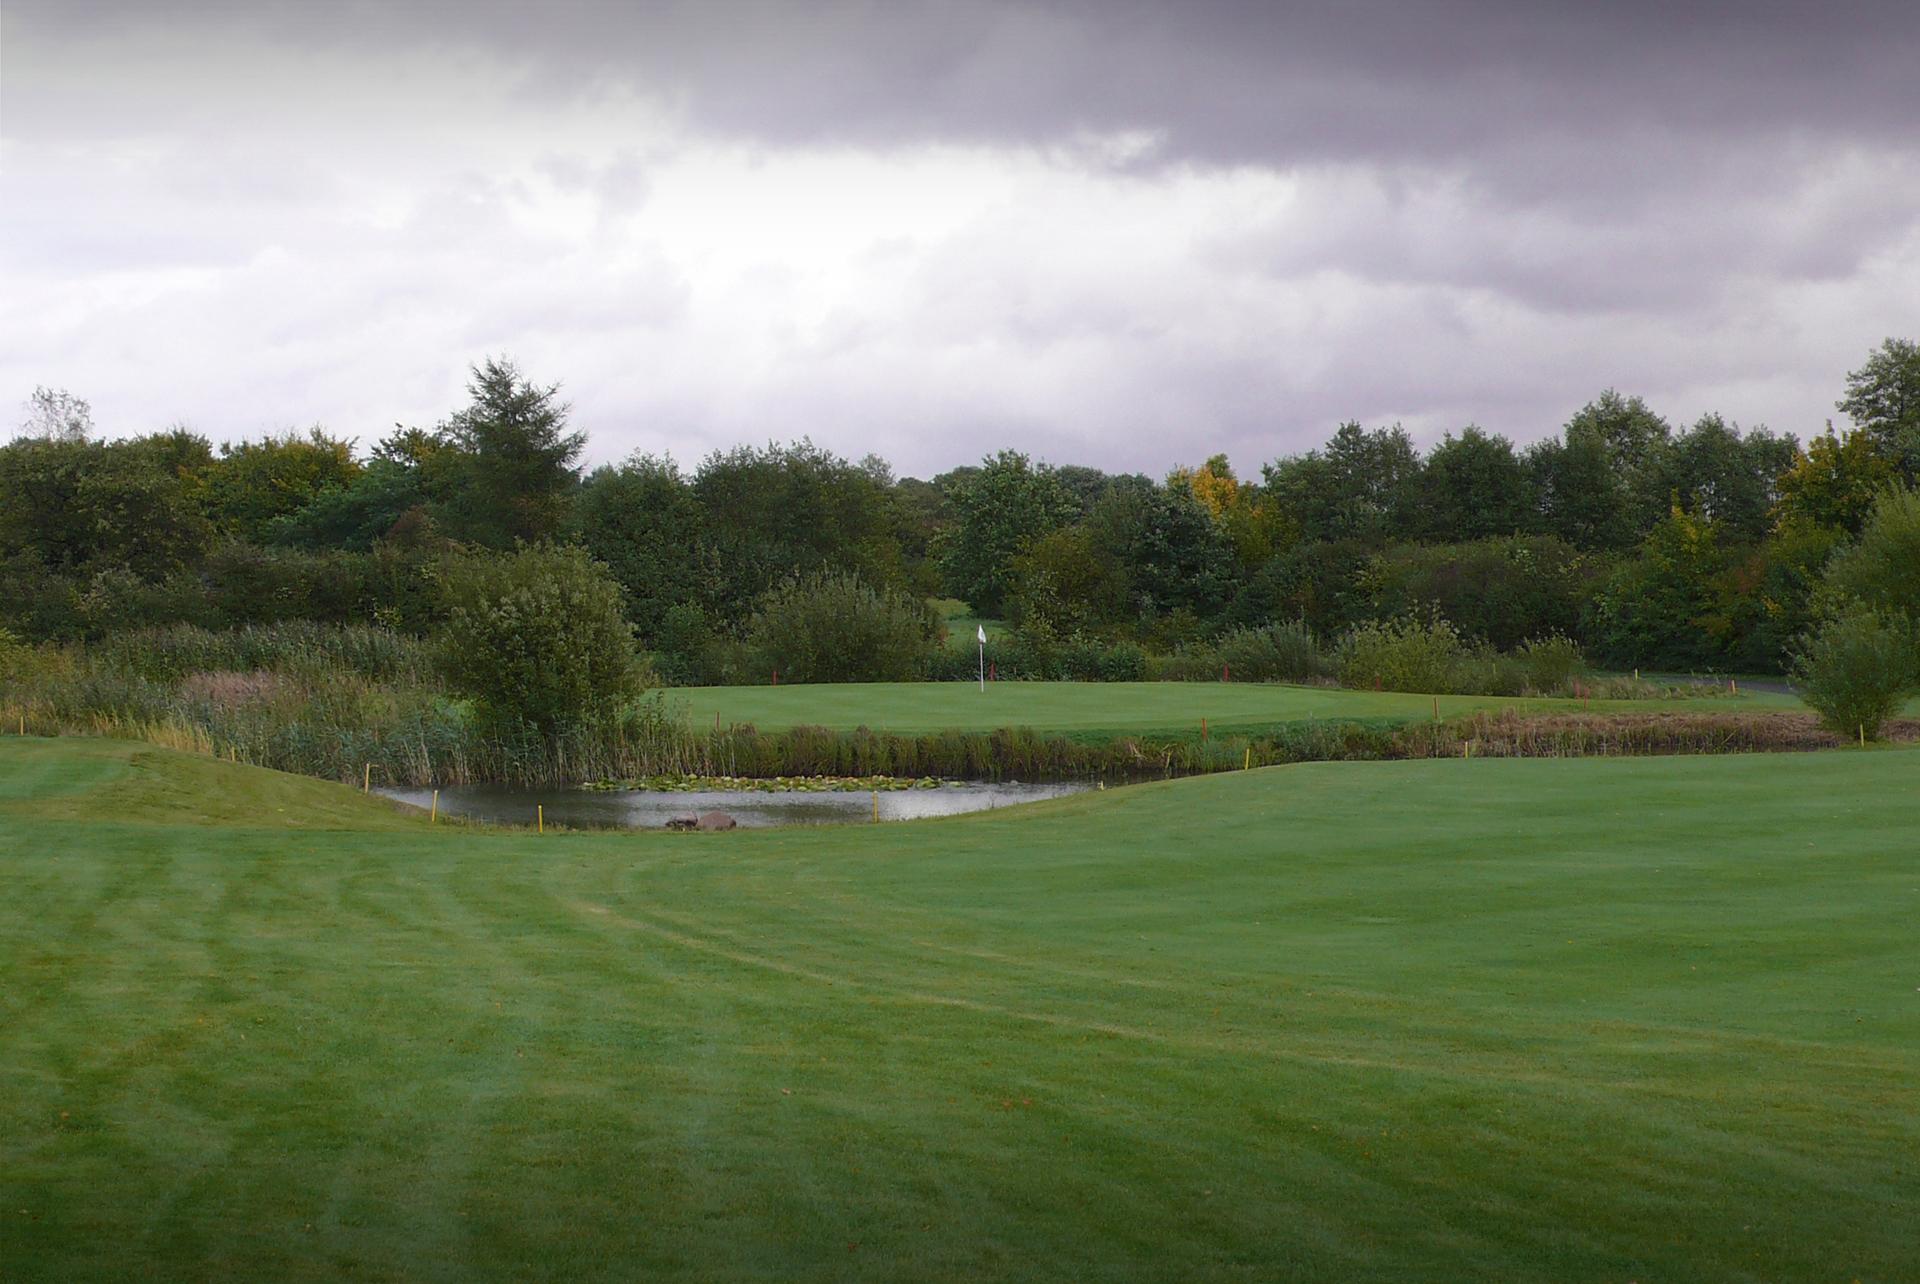 Unsere Golfplatzplanung Golf-Club Jersbek - Golfdesign ...